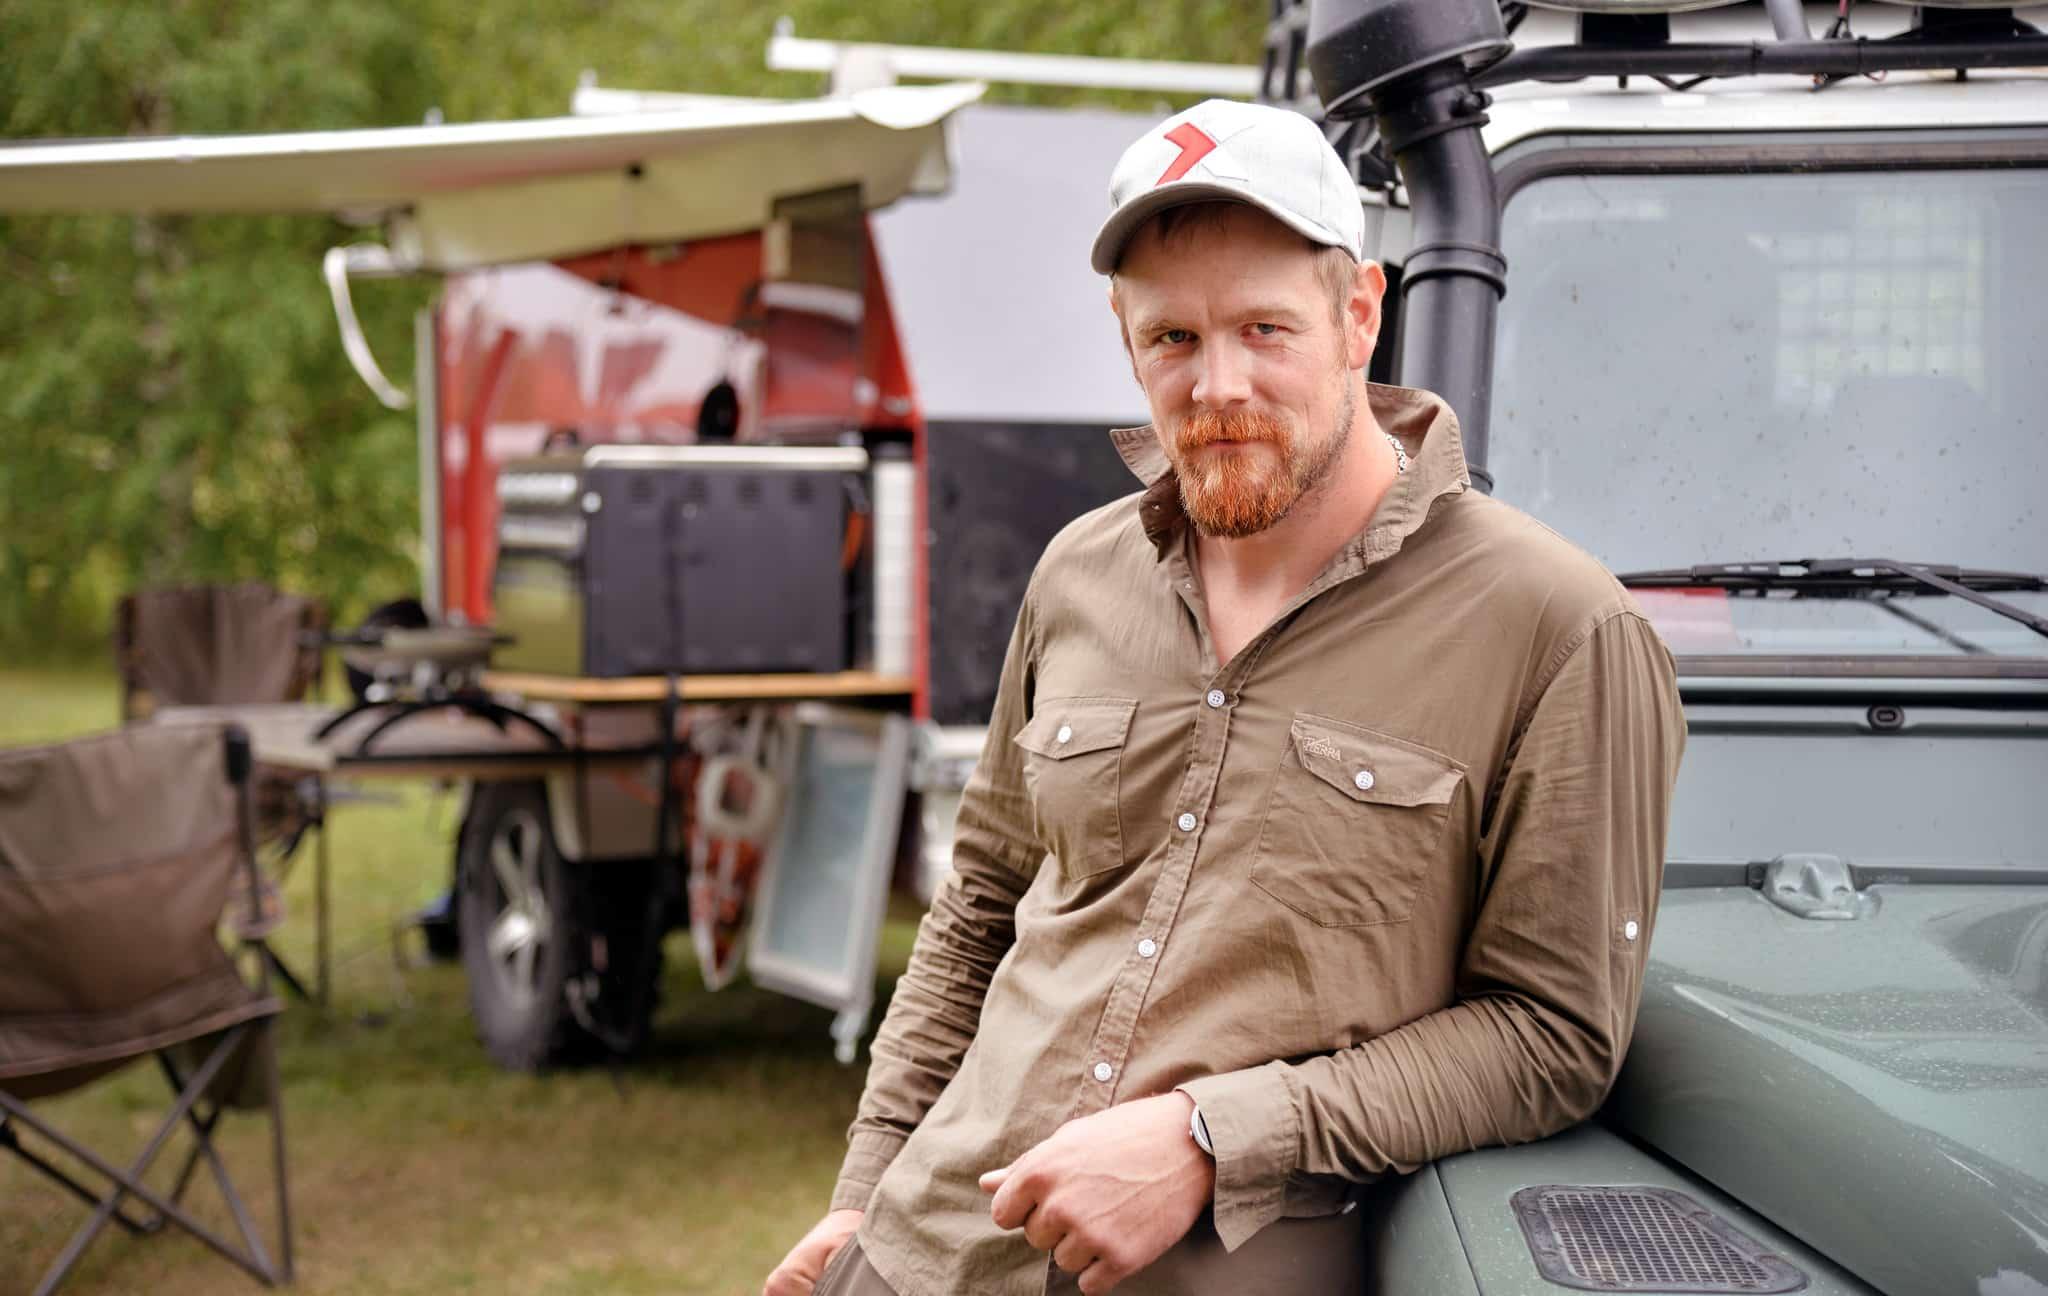 Det tog Mats Lendholm, från Smedsbyn i Norrbotten, cirka två år att bygga sin rullande jaktcamp, efterhand under bygget fick han nya idéer som han förverkligade.